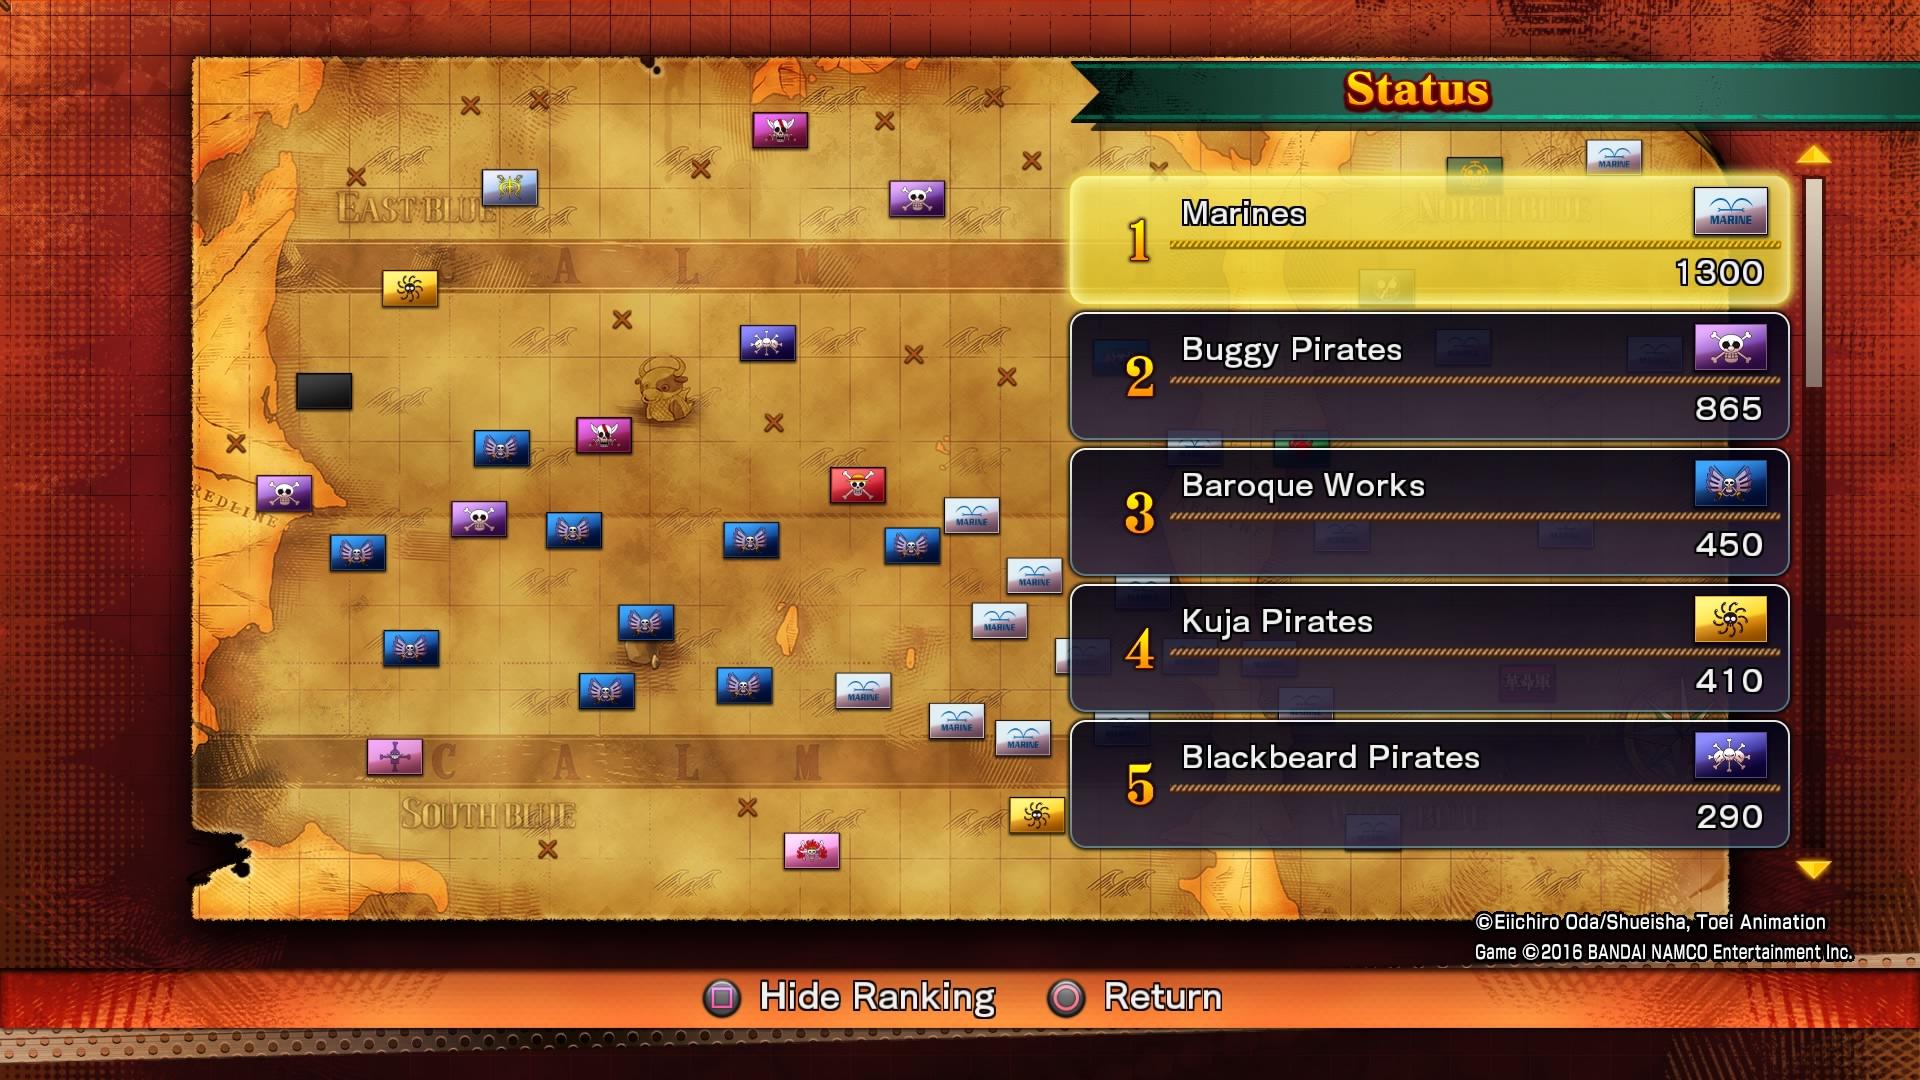 Bonusy za předobjednávku digitálních kopií One Piece: Burning Blood 122799